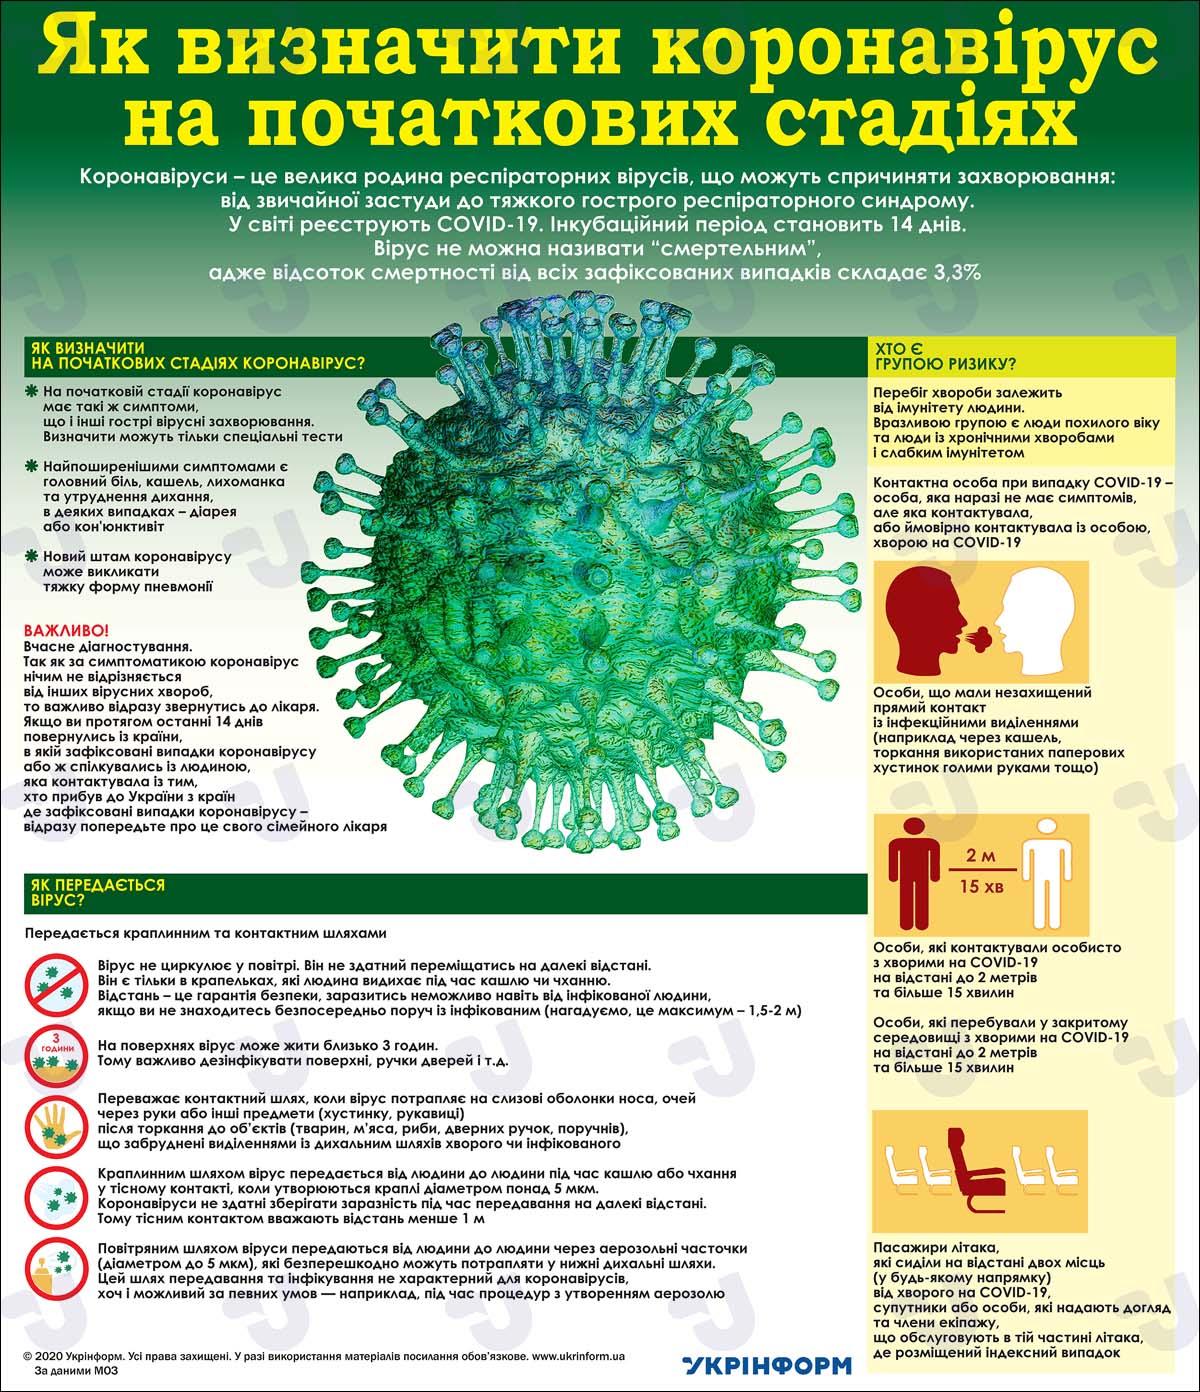 Як визначити коронавірус на початкових стадіях. Інфографіка